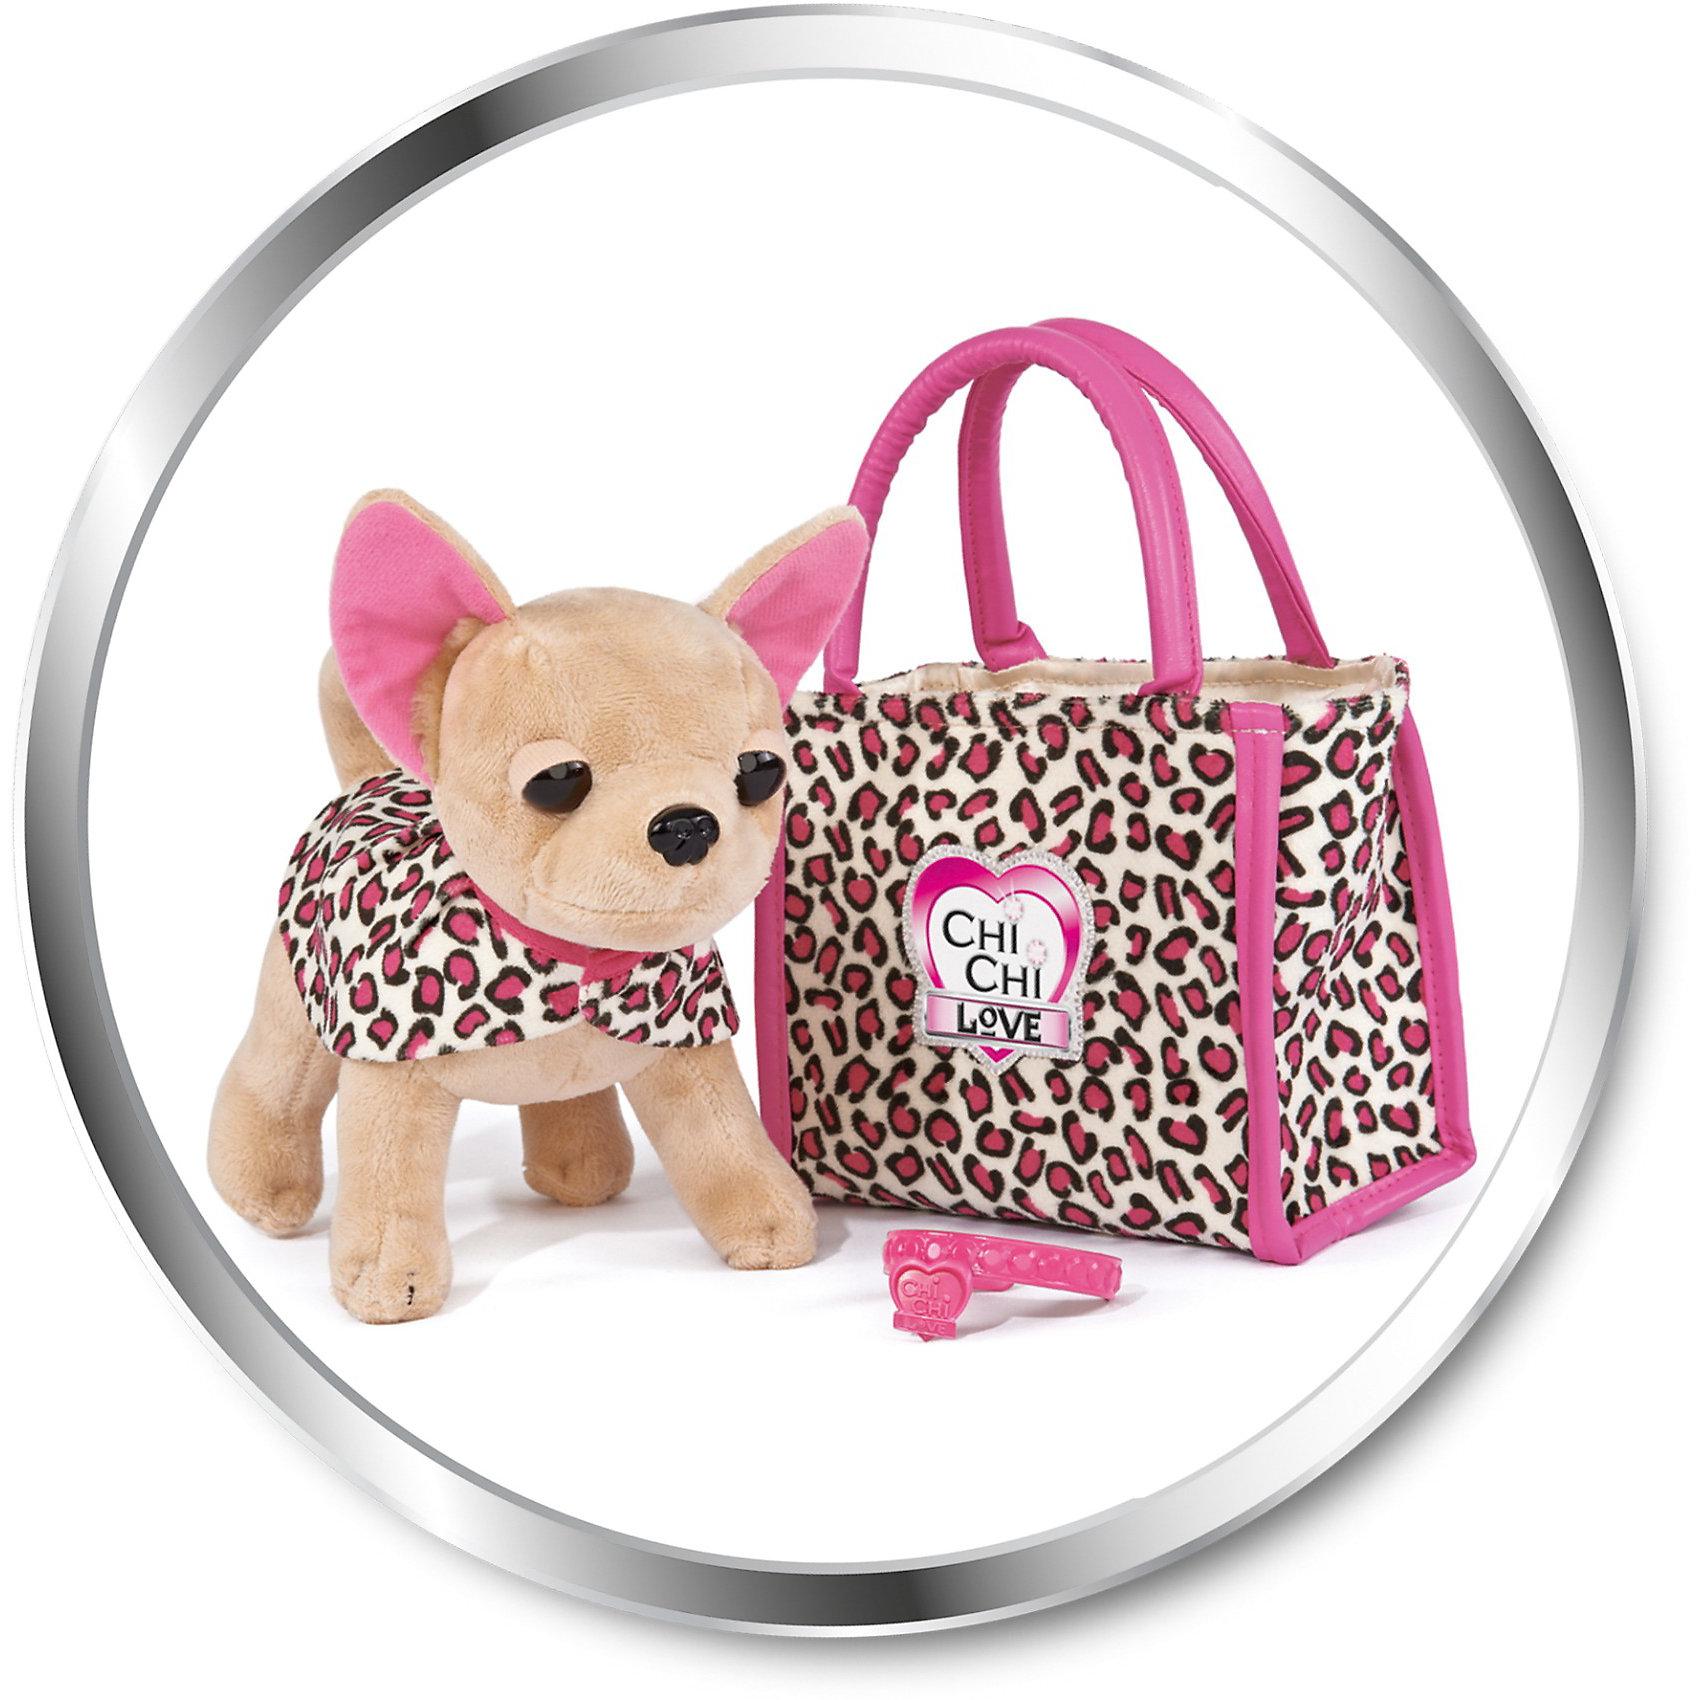 Simba Плюшевая собачка Чихуахуа Лео с сумочкой и ошейником, 20 см, Simba simba simba машинка hello kitty